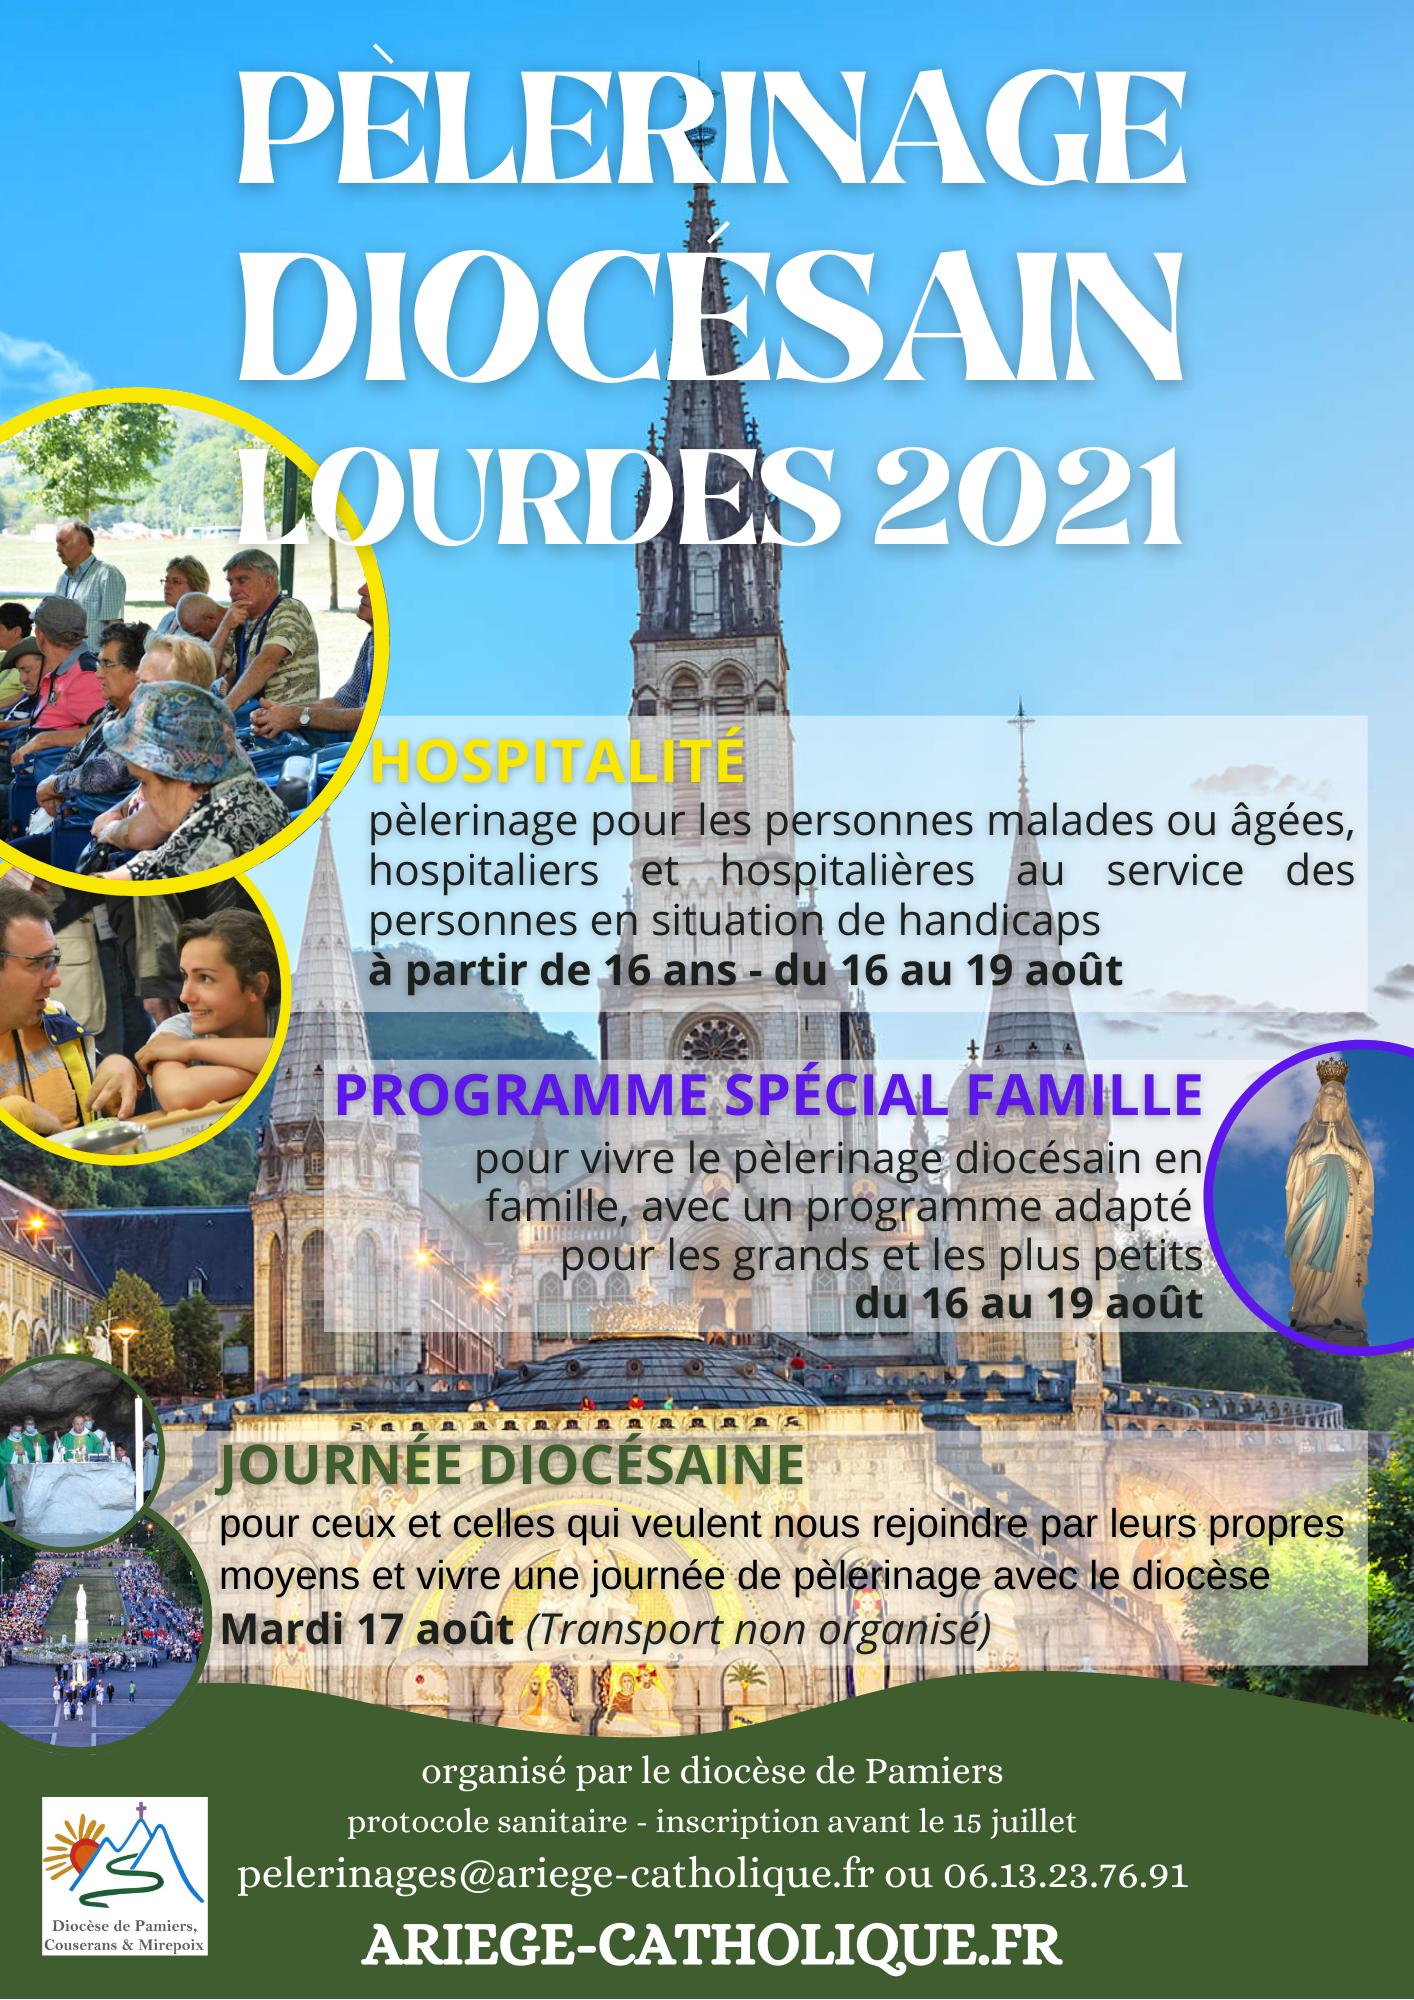 Pèlerinage Diocésain à Lourdes